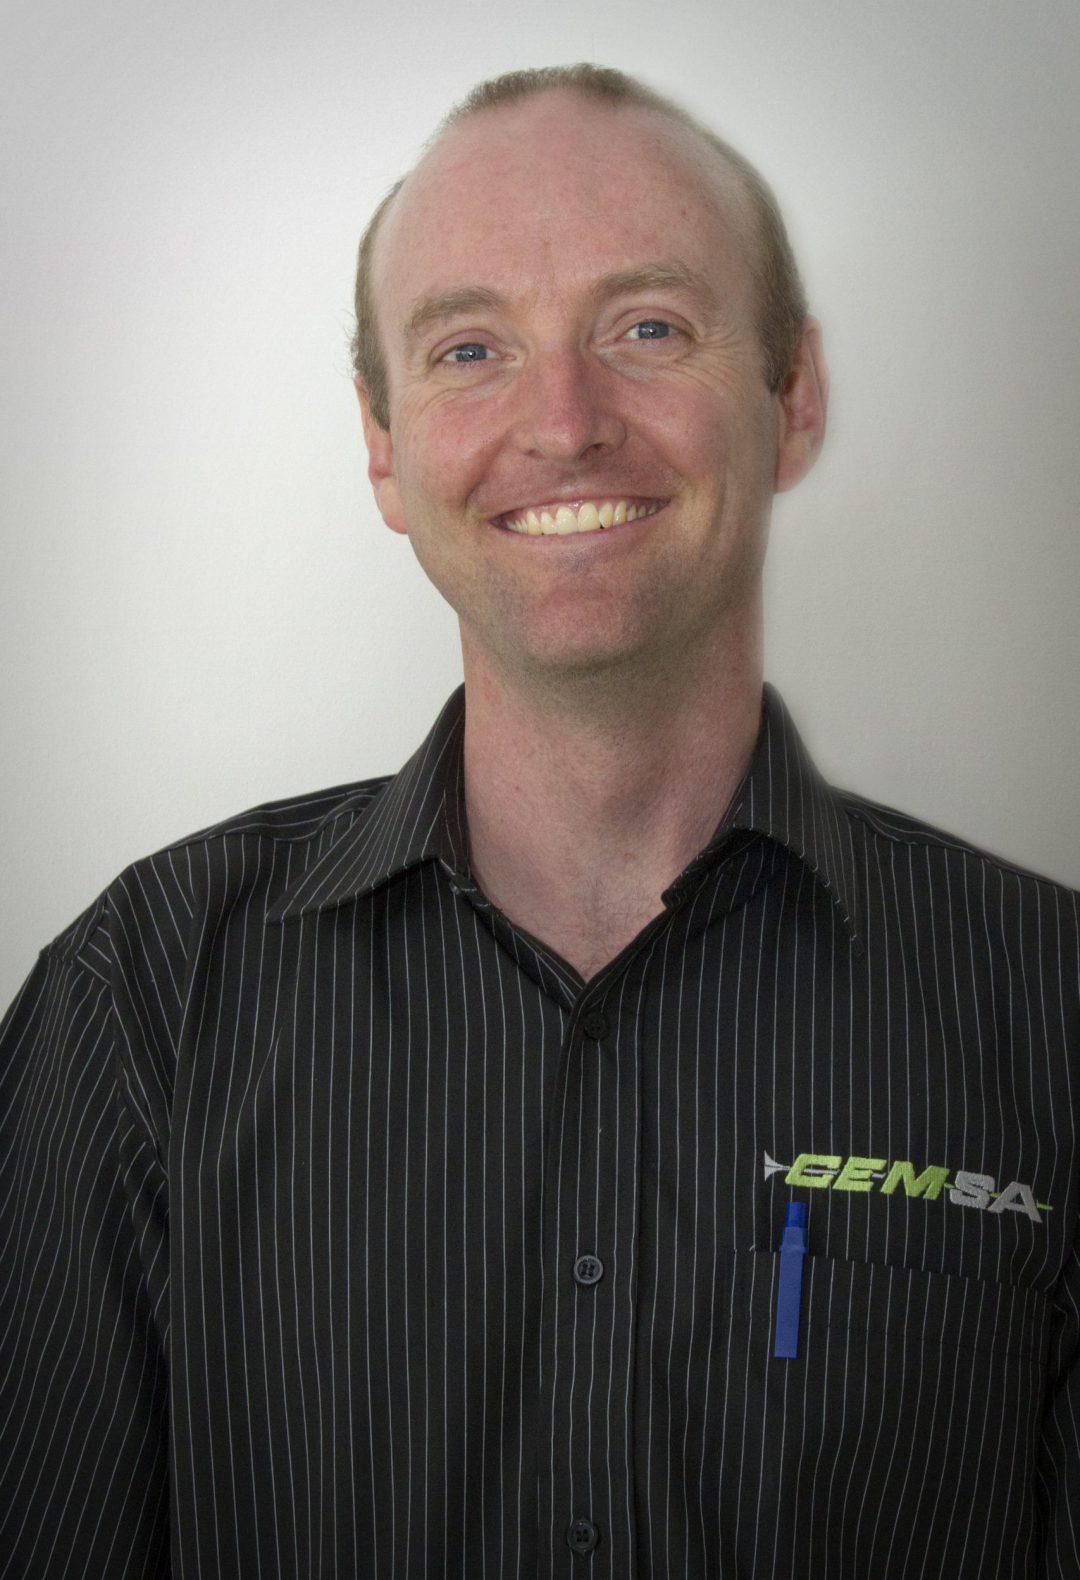 Paul Dahl CEMSA Director South Africa